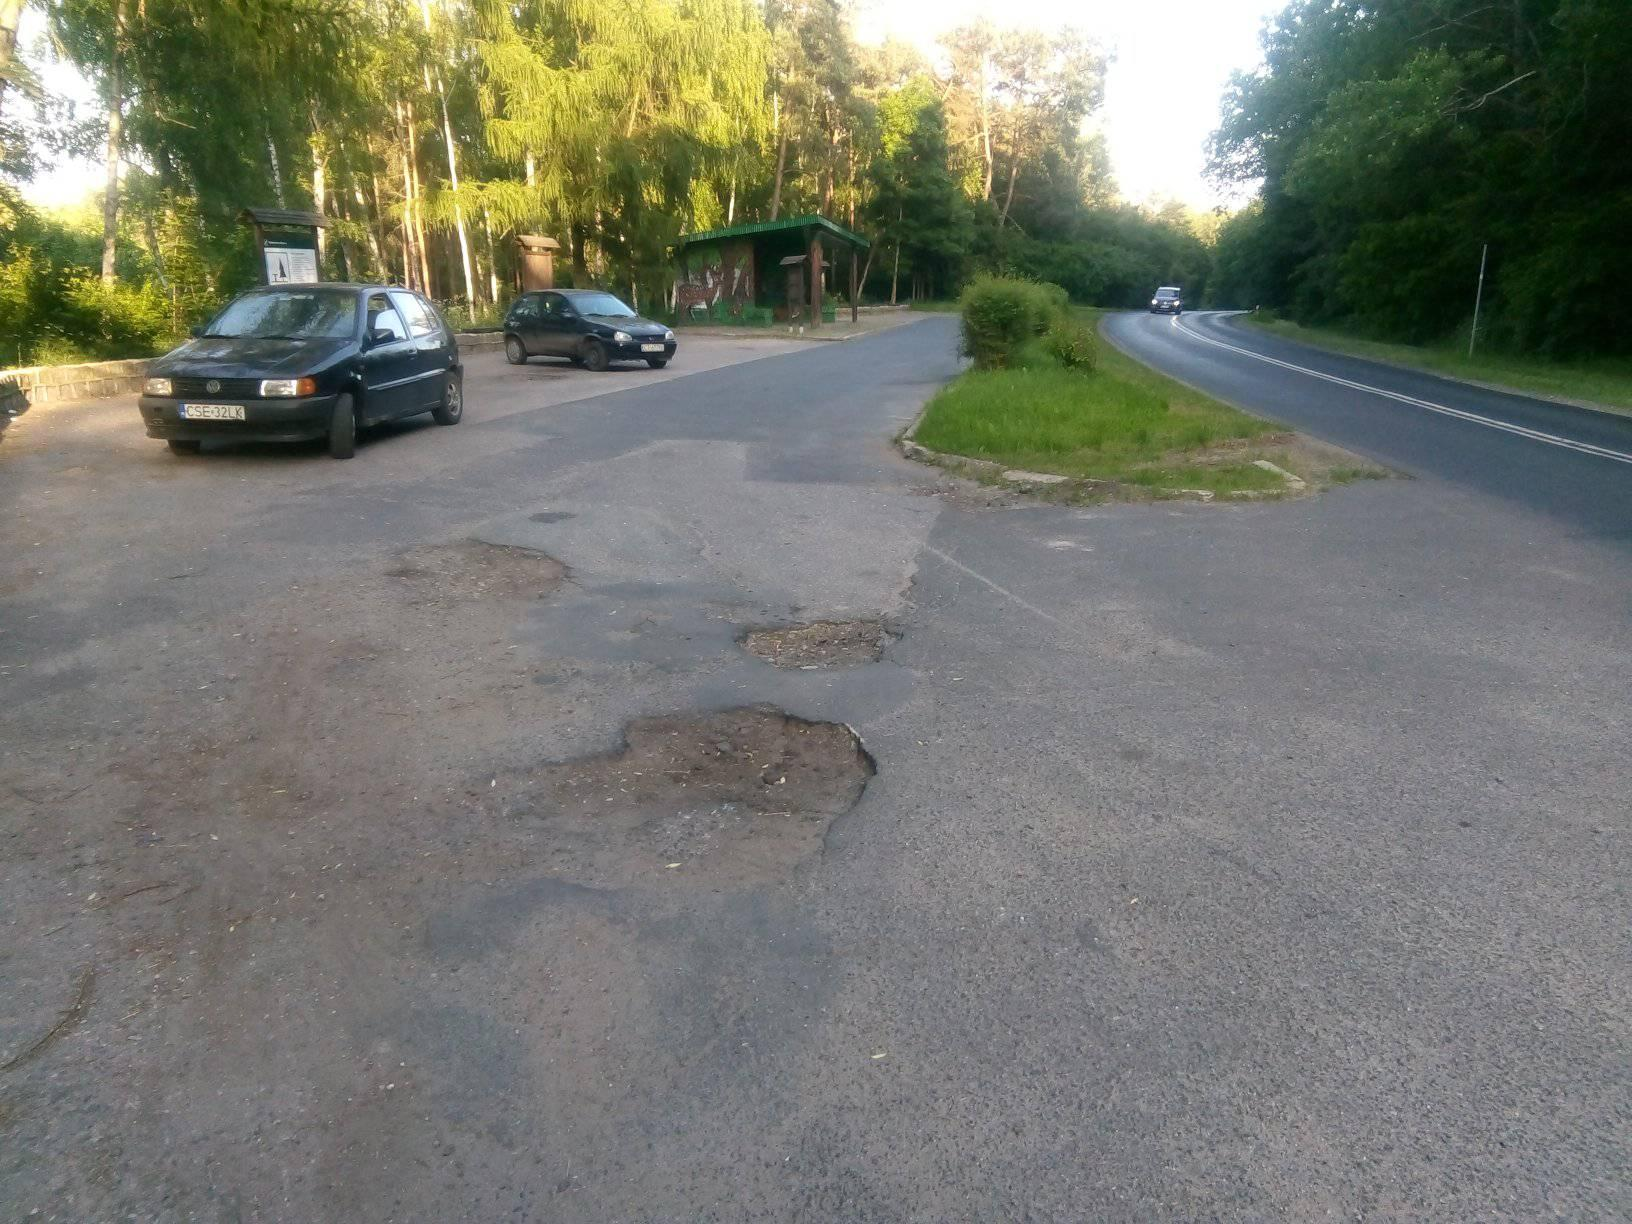 Dziurawy parking Nadleśnictwa w Runowie Kr. przy DW 241 przy wjeździe do Więcborka do naprawy i to natychmiast. foto Tomasz Roman Bracka